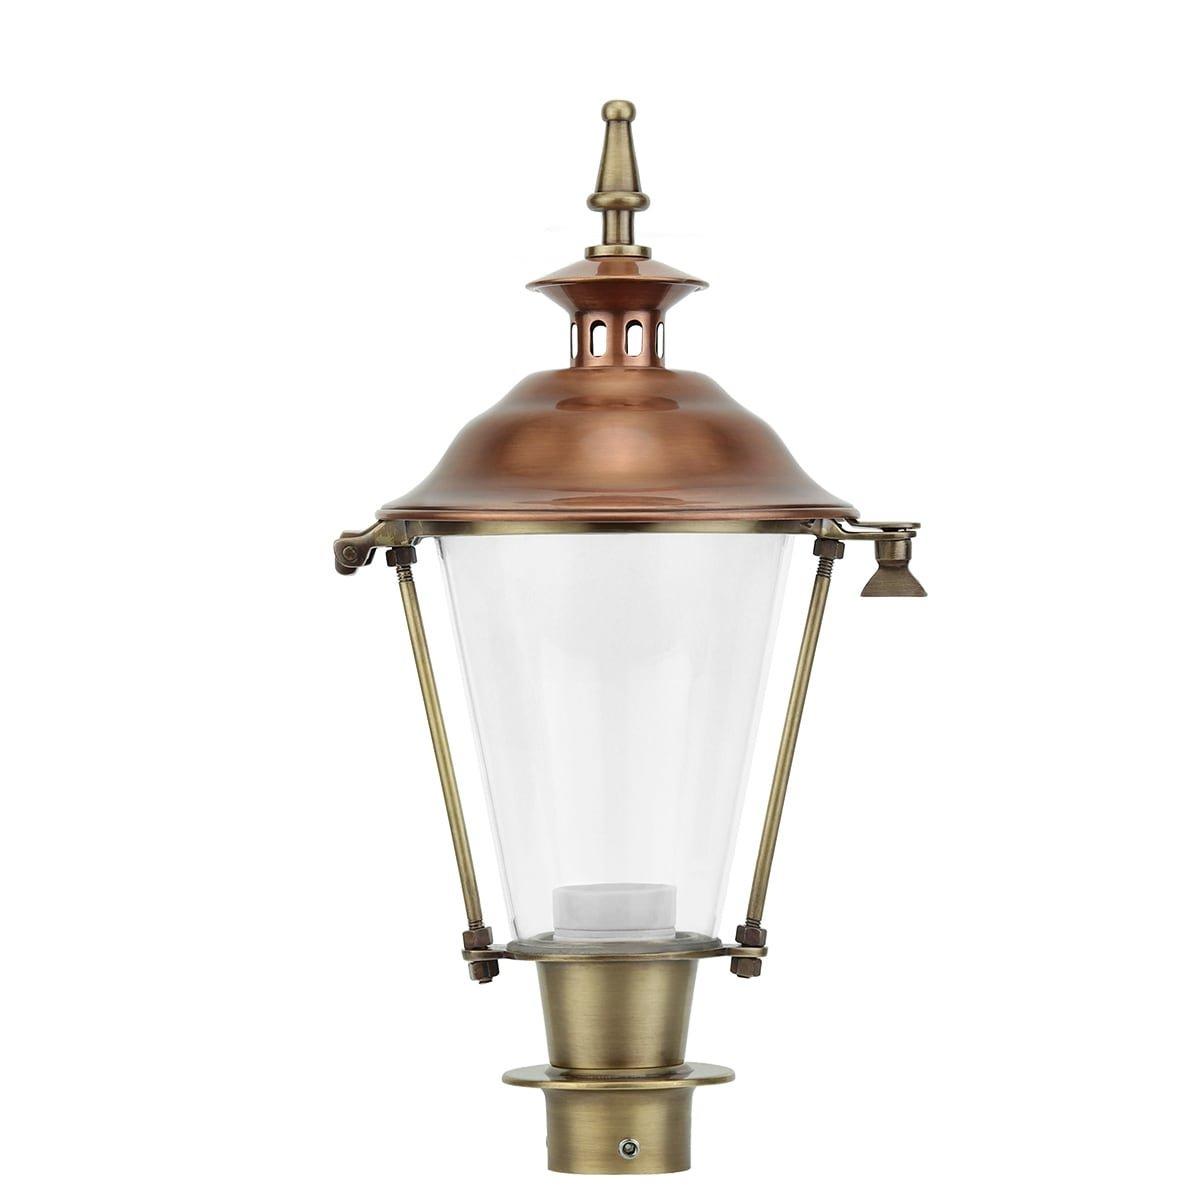 Außenbeleuchtung Klassisch Ländlich Einzelne laterne bronze K28 - 40 cm